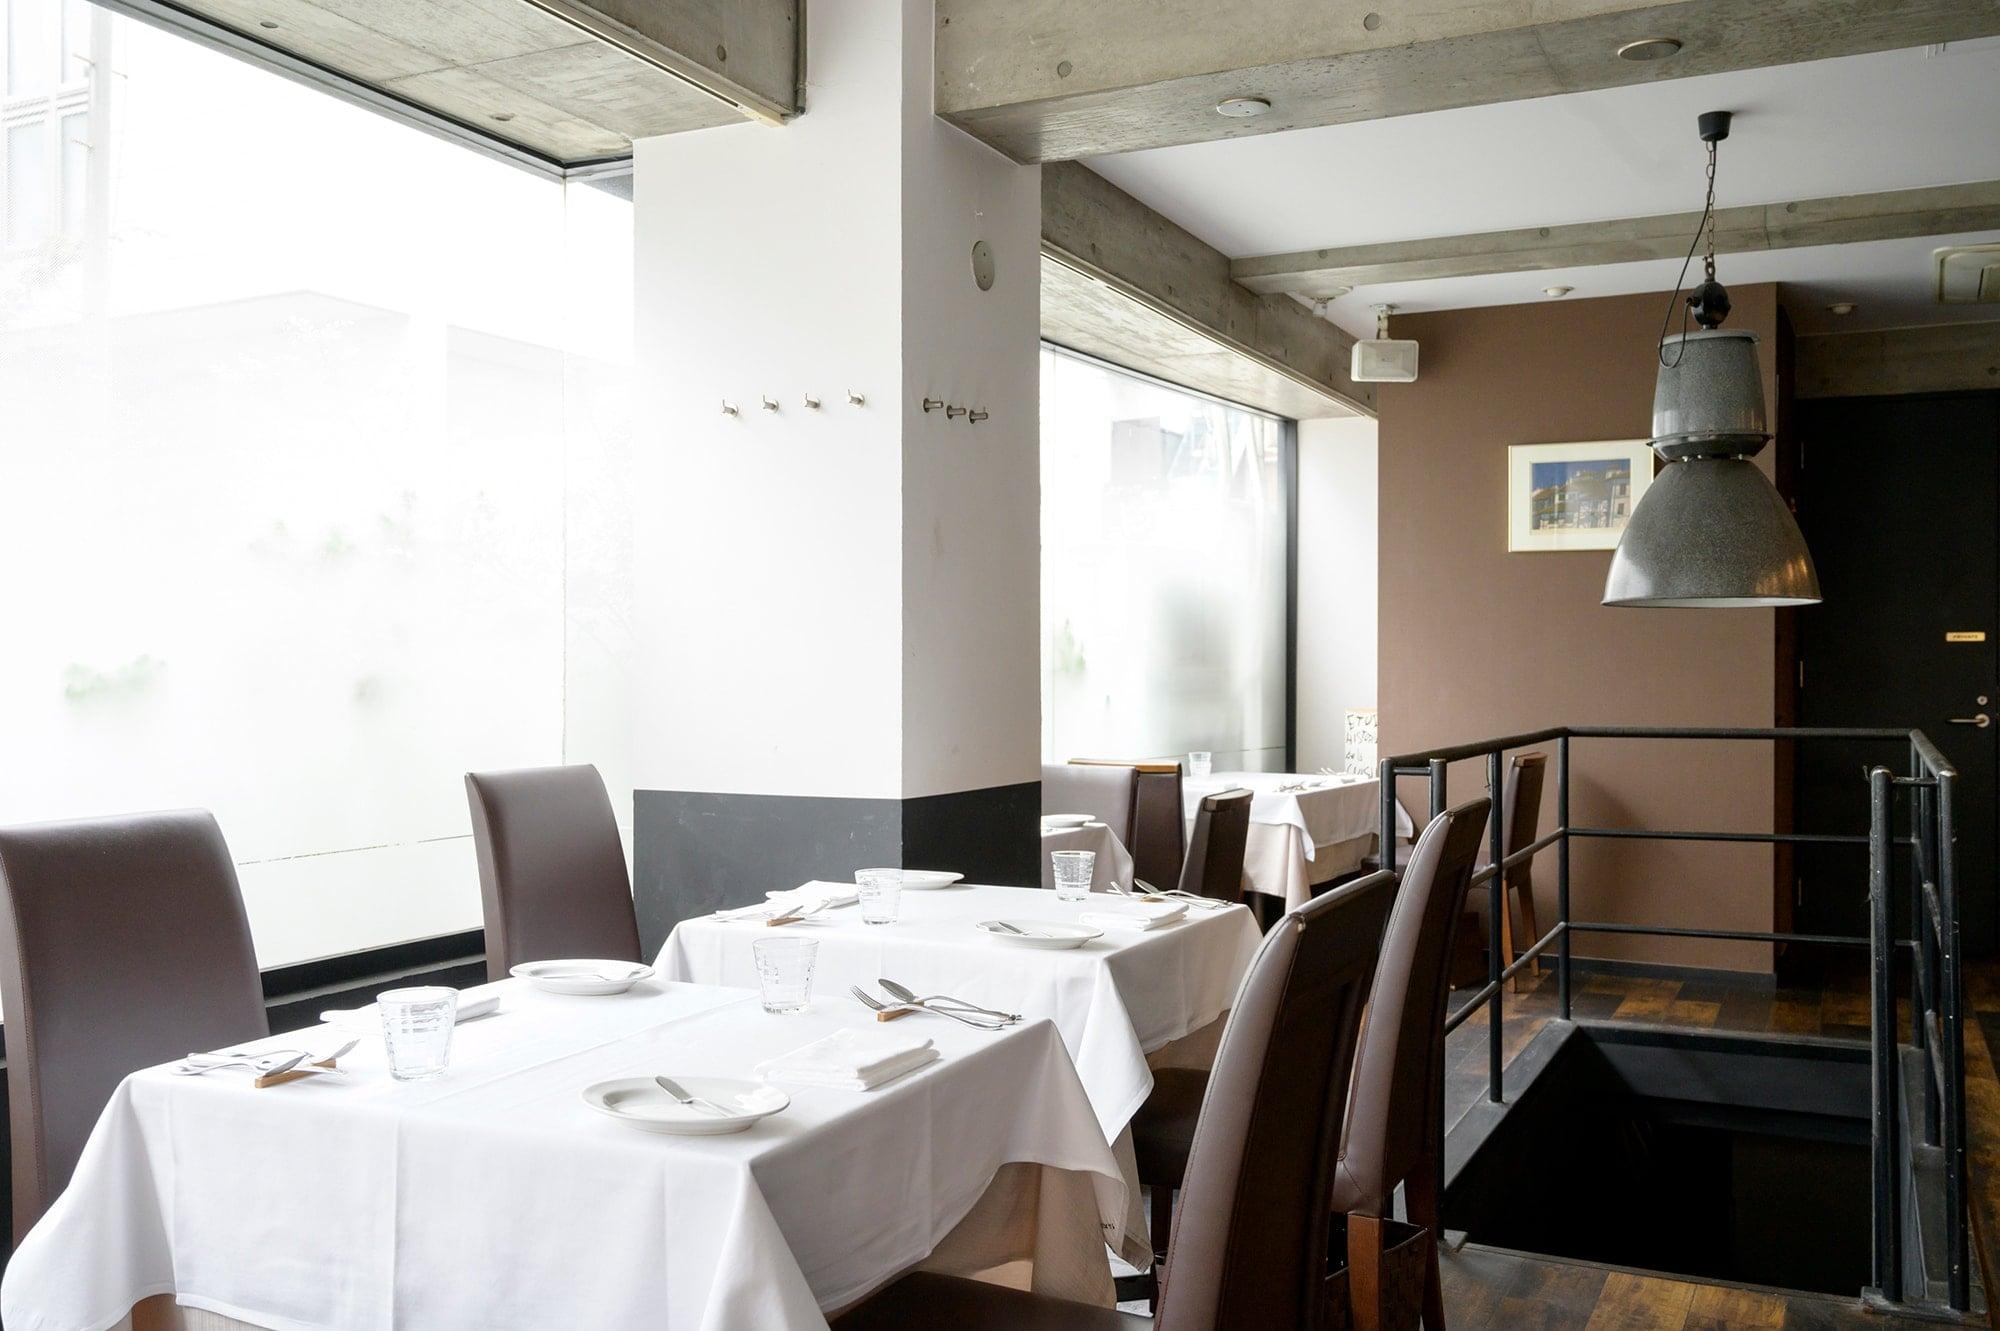 店内のインテリアはシンプル。フランス料理からイメージする敷居の高さはない。